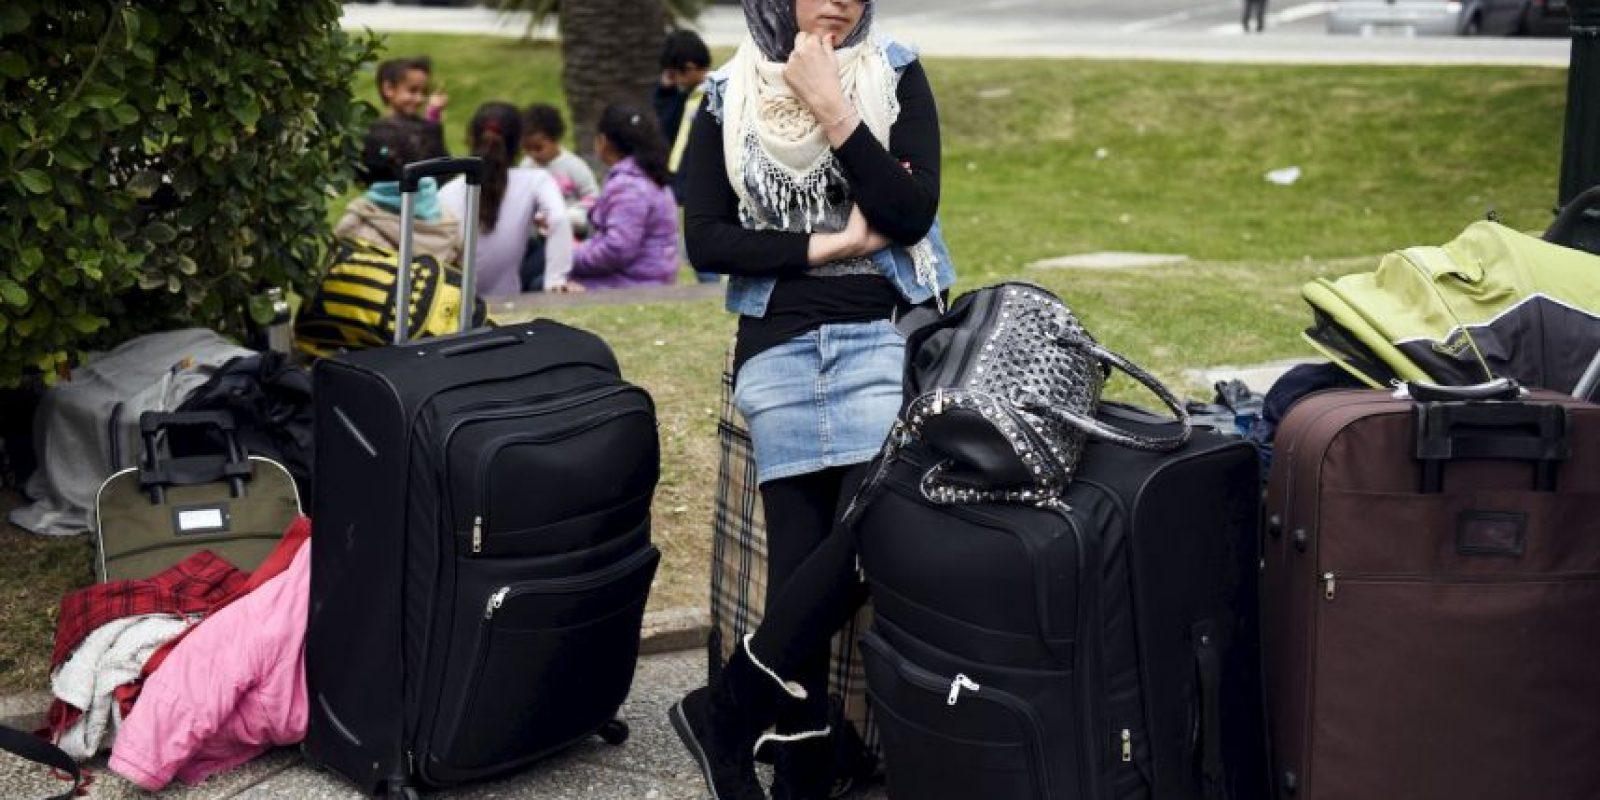 El secretario de Derechos Humanos de la Presidencia, Javier Miranda, aclaró que el gobierno no pagaría por el viaje de regreso. Foto:AP